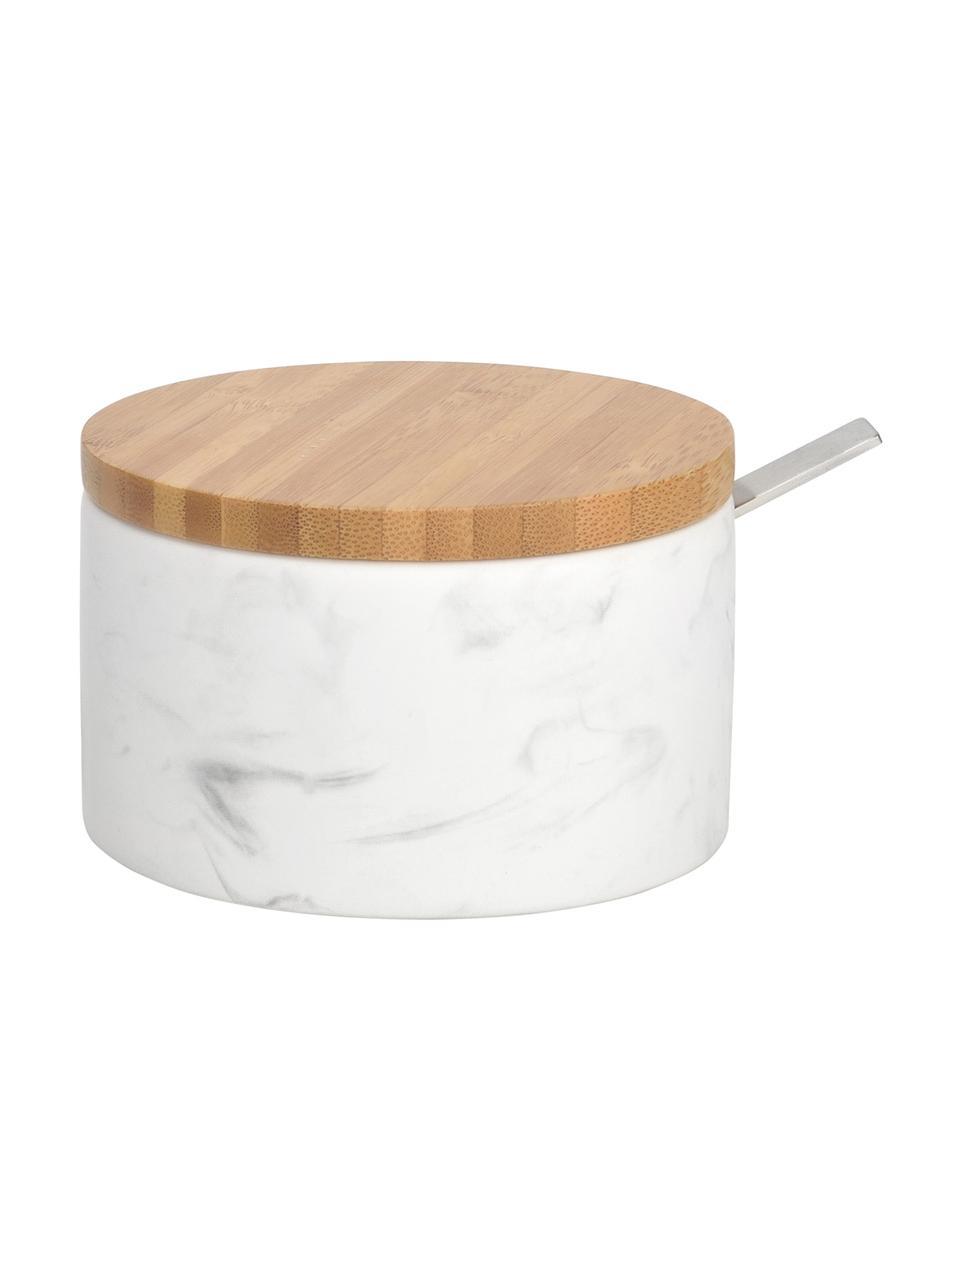 Cukiernica z łyżką z ceramiki Kalina, łyżka: metal, Biały, marmurowy, drewno bambusowe, Ø 13 x W 7 cm